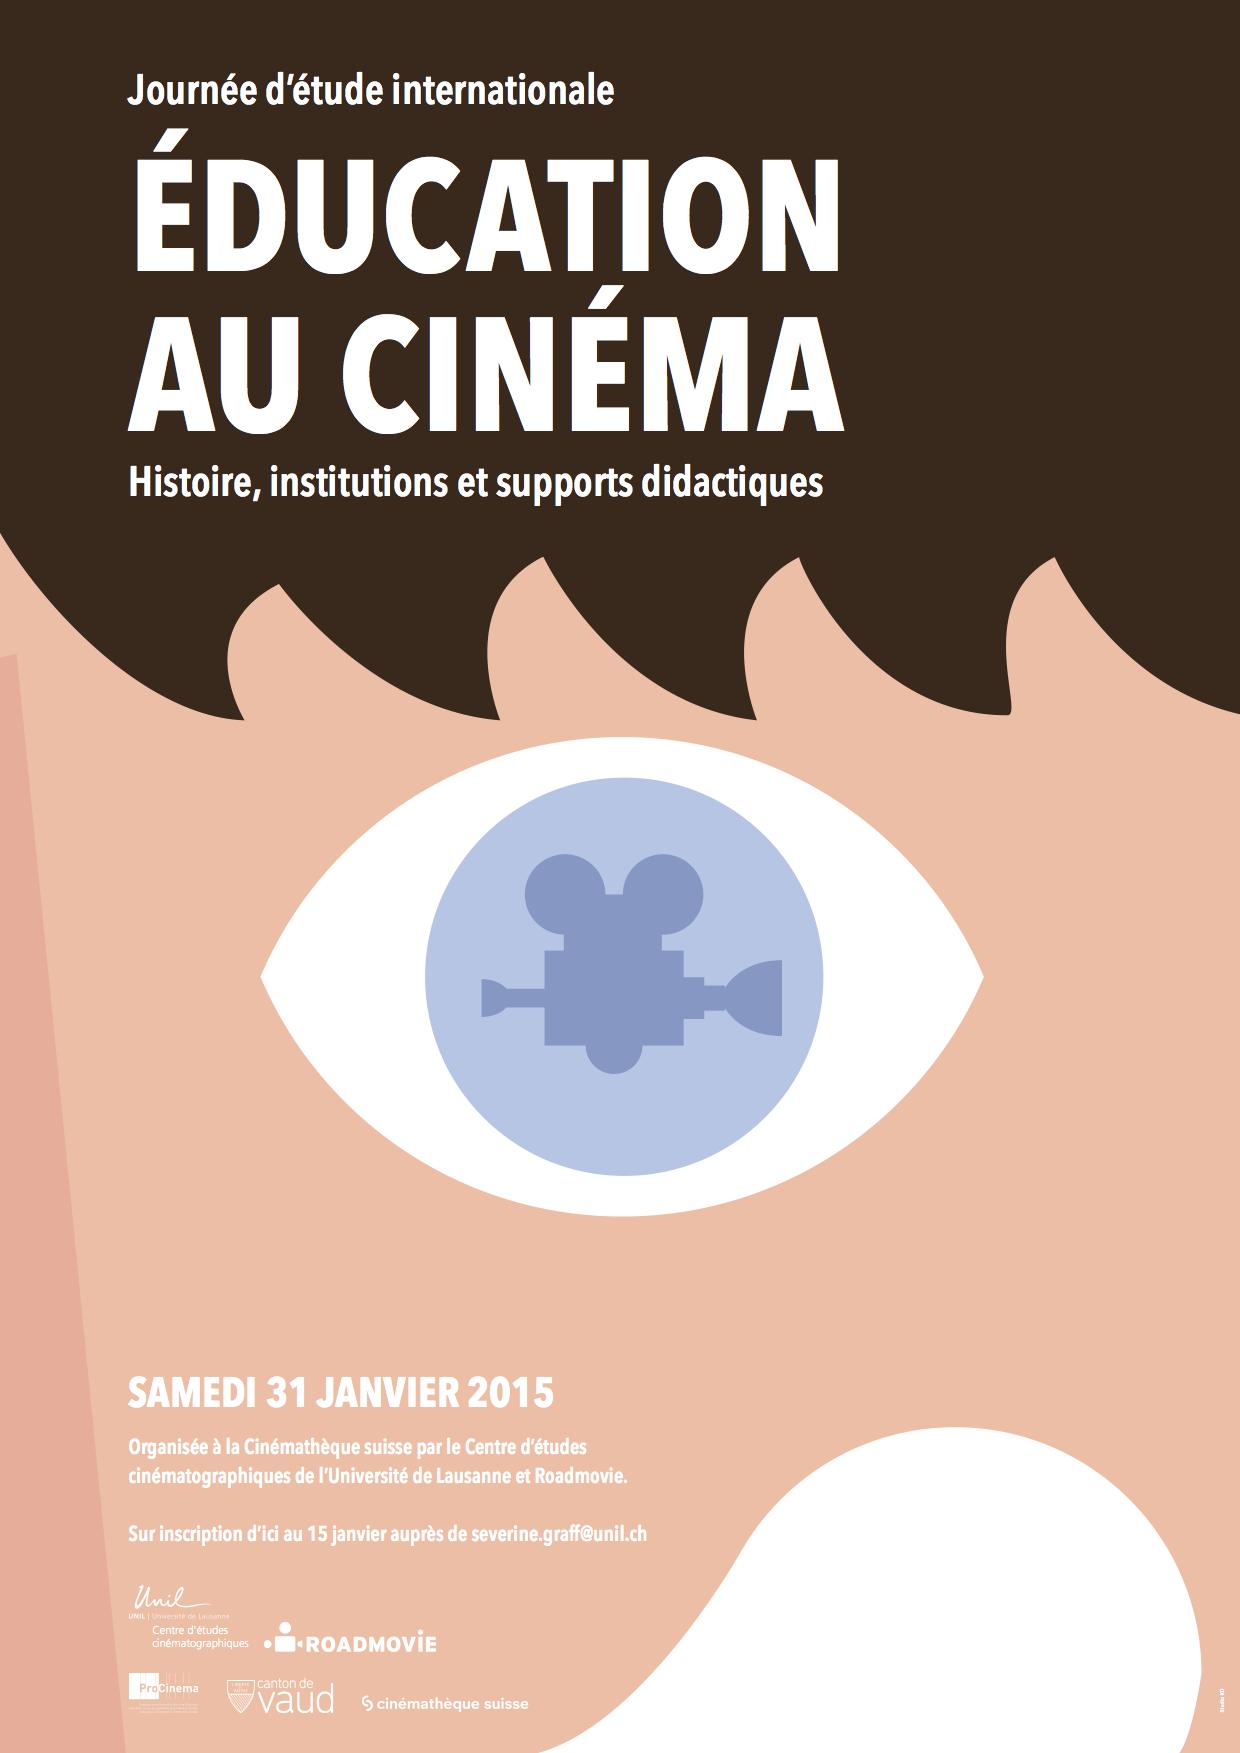 2015 Journee Etude Education Cinéma